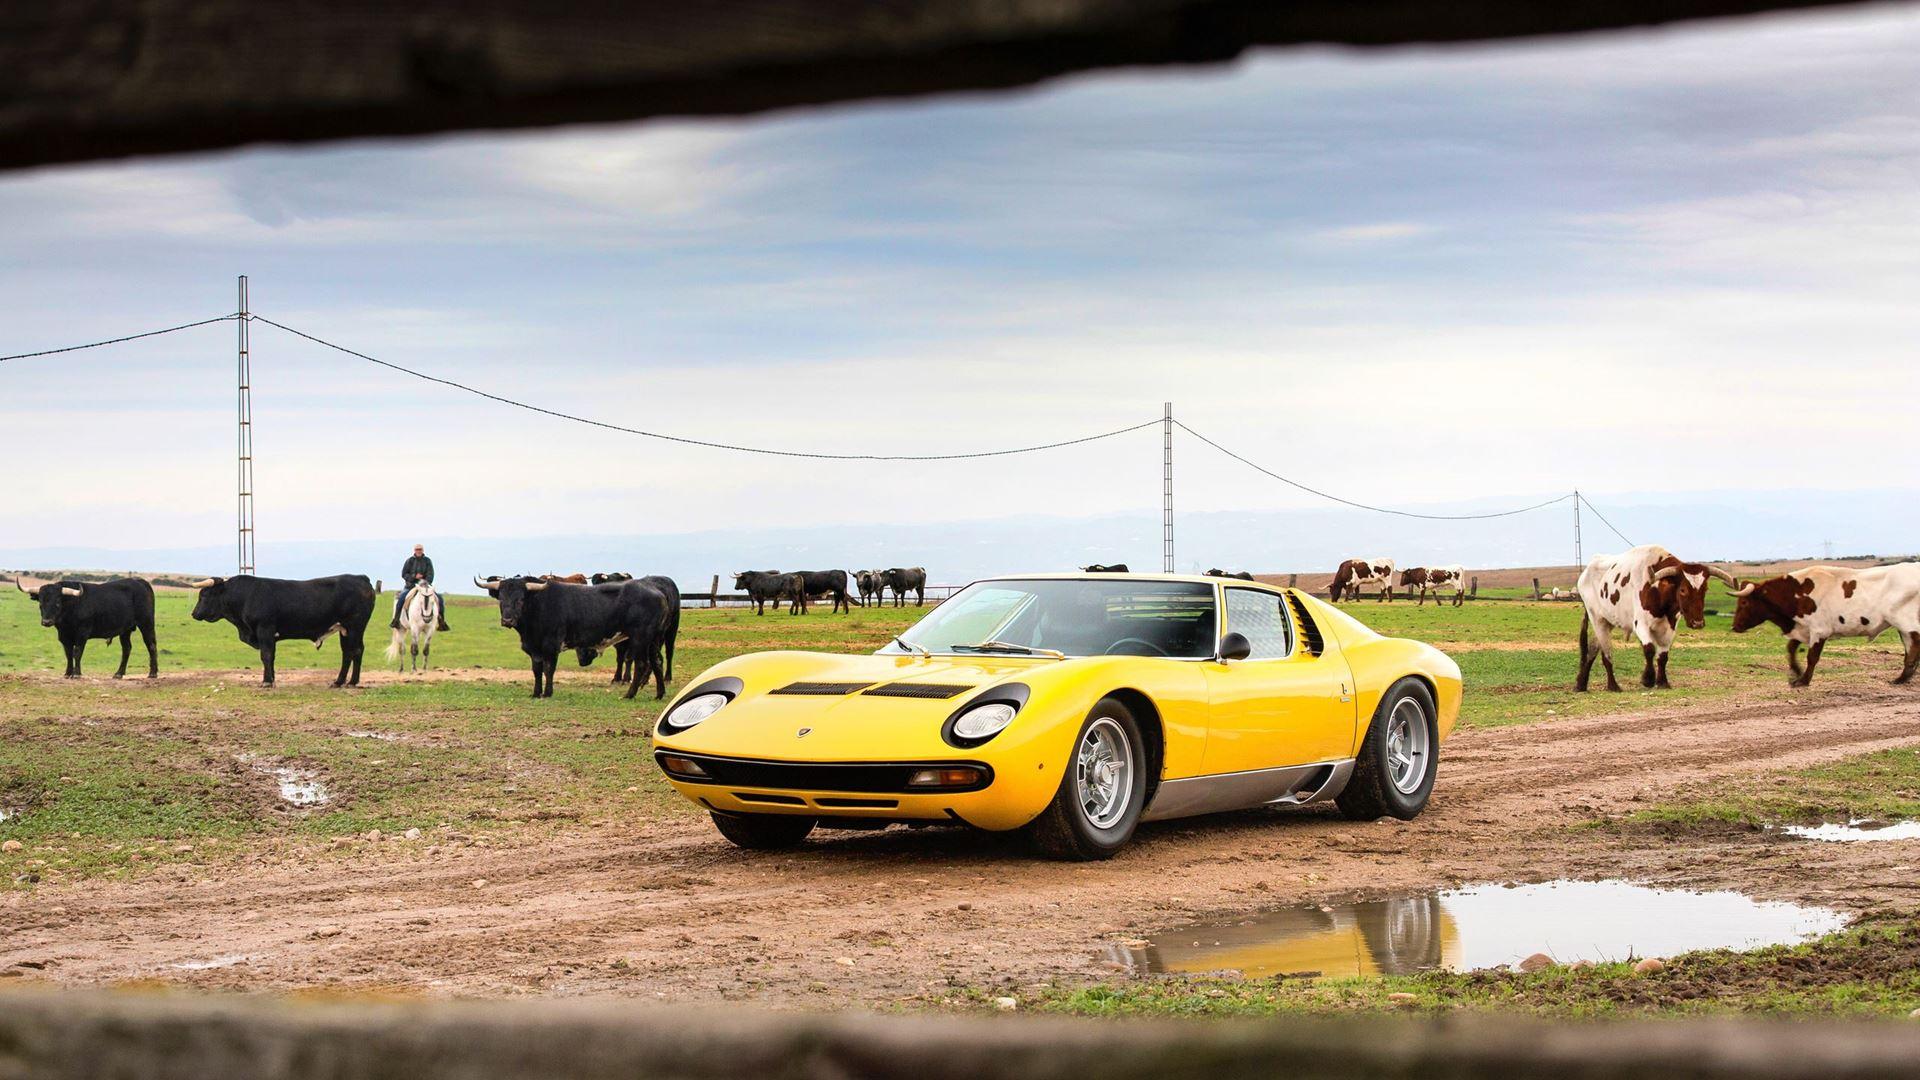 Lamborghini Miura SV turns 50 in 2021 - Image 4